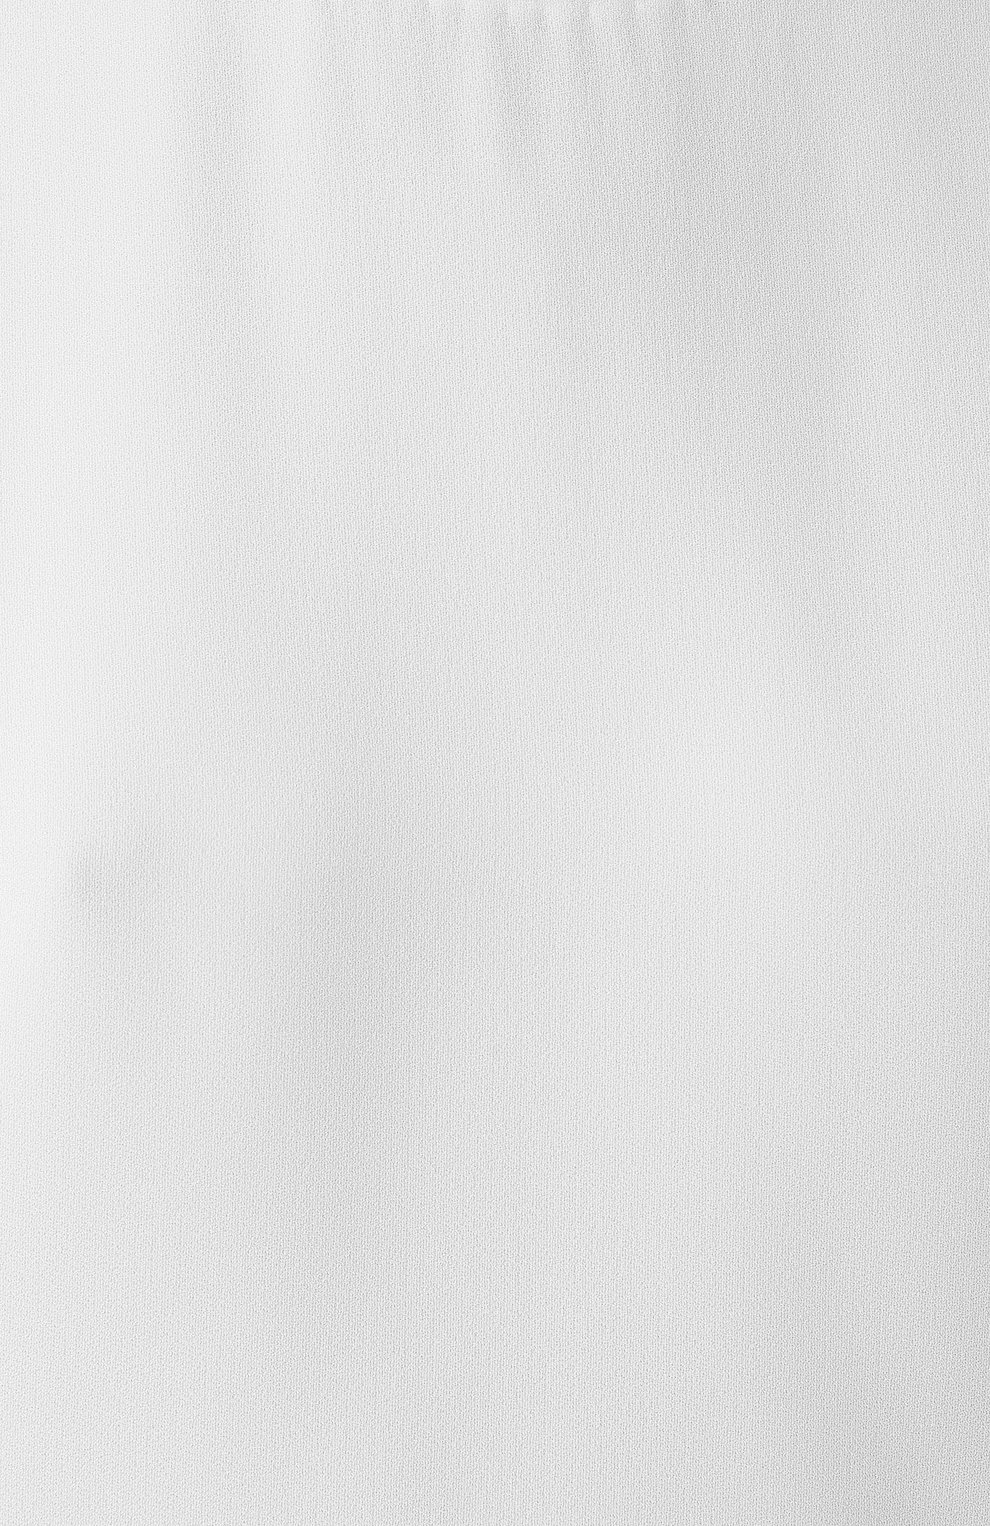 Женская блузка ADAM LIPPES белого цвета, арт. R20121SB   Фото 5 (Принт: Без принта; Рукава: Короткие; Материал внешний: Синтетический материал; Длина (для топов): Стандартные; Женское Кросс-КТ: Блуза-одежда)